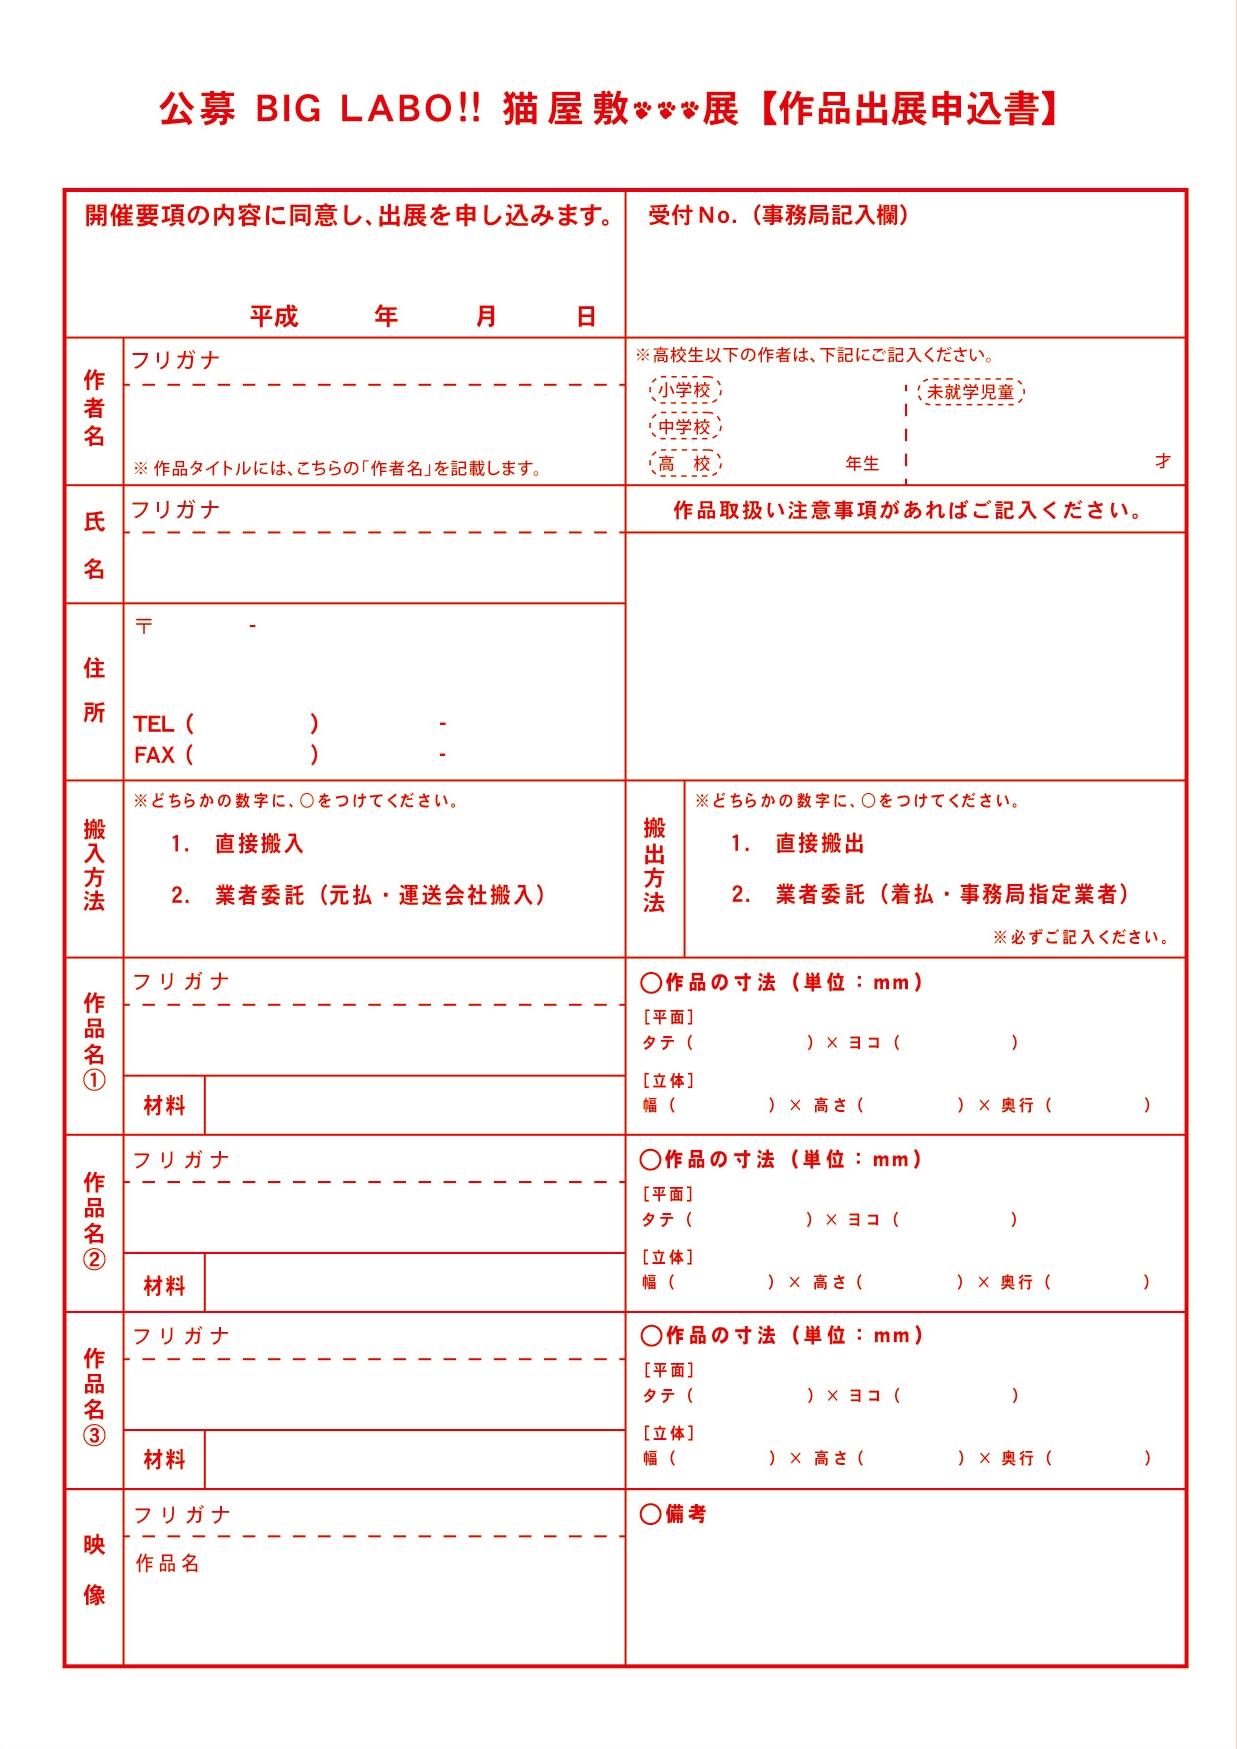 猫屋敷展_申込書